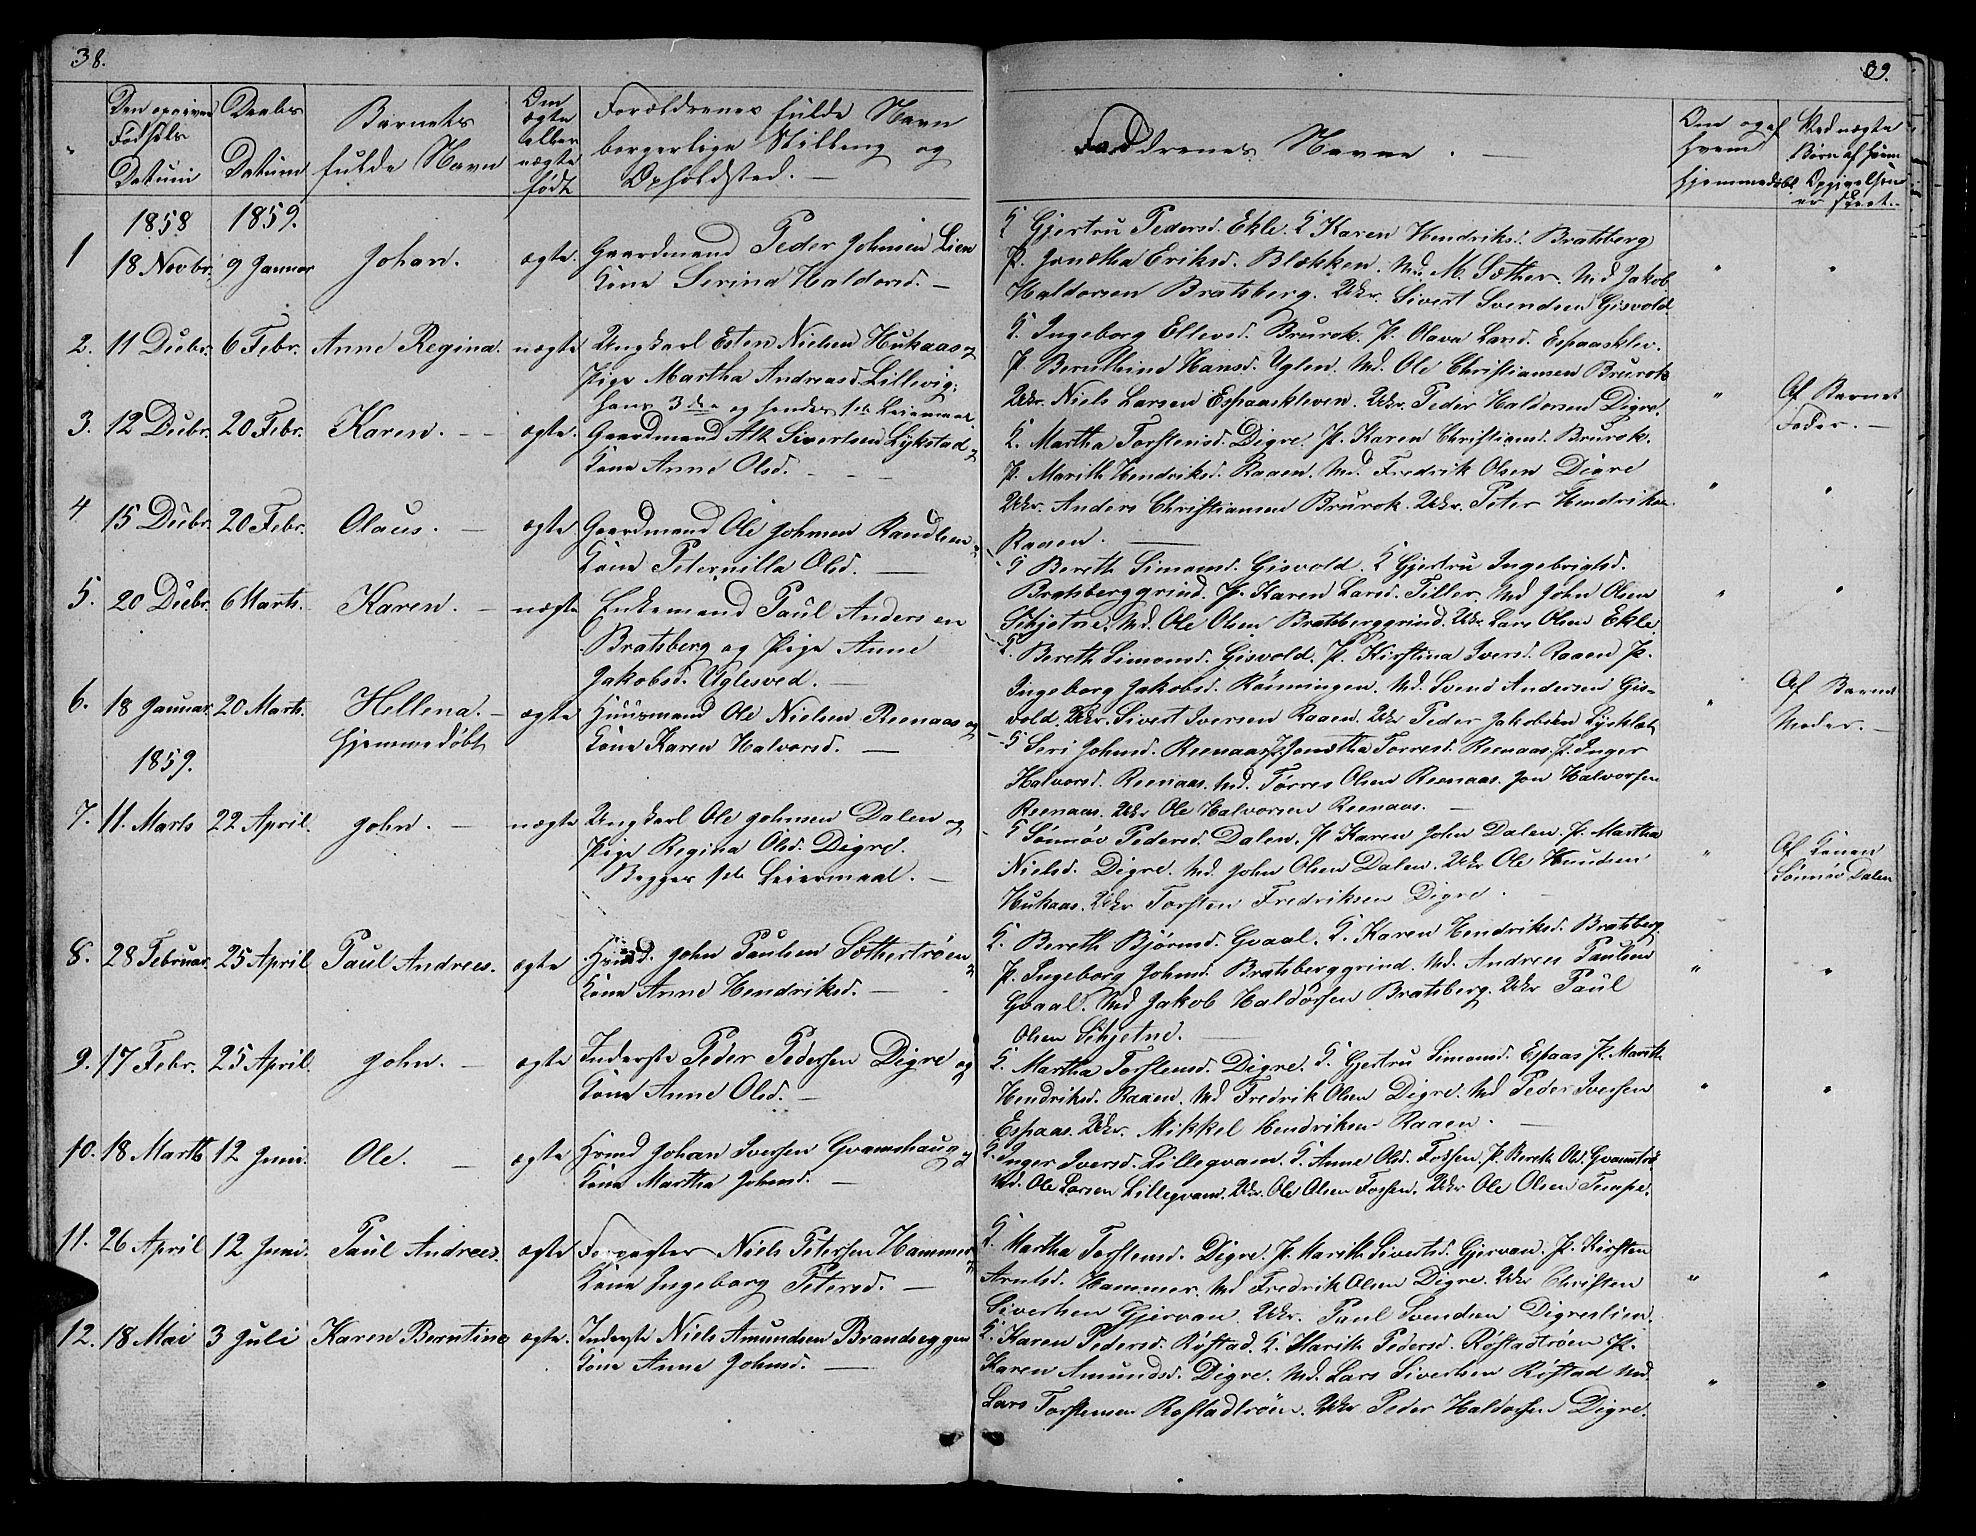 SAT, Ministerialprotokoller, klokkerbøker og fødselsregistre - Sør-Trøndelag, 608/L0339: Klokkerbok nr. 608C05, 1844-1863, s. 38-39